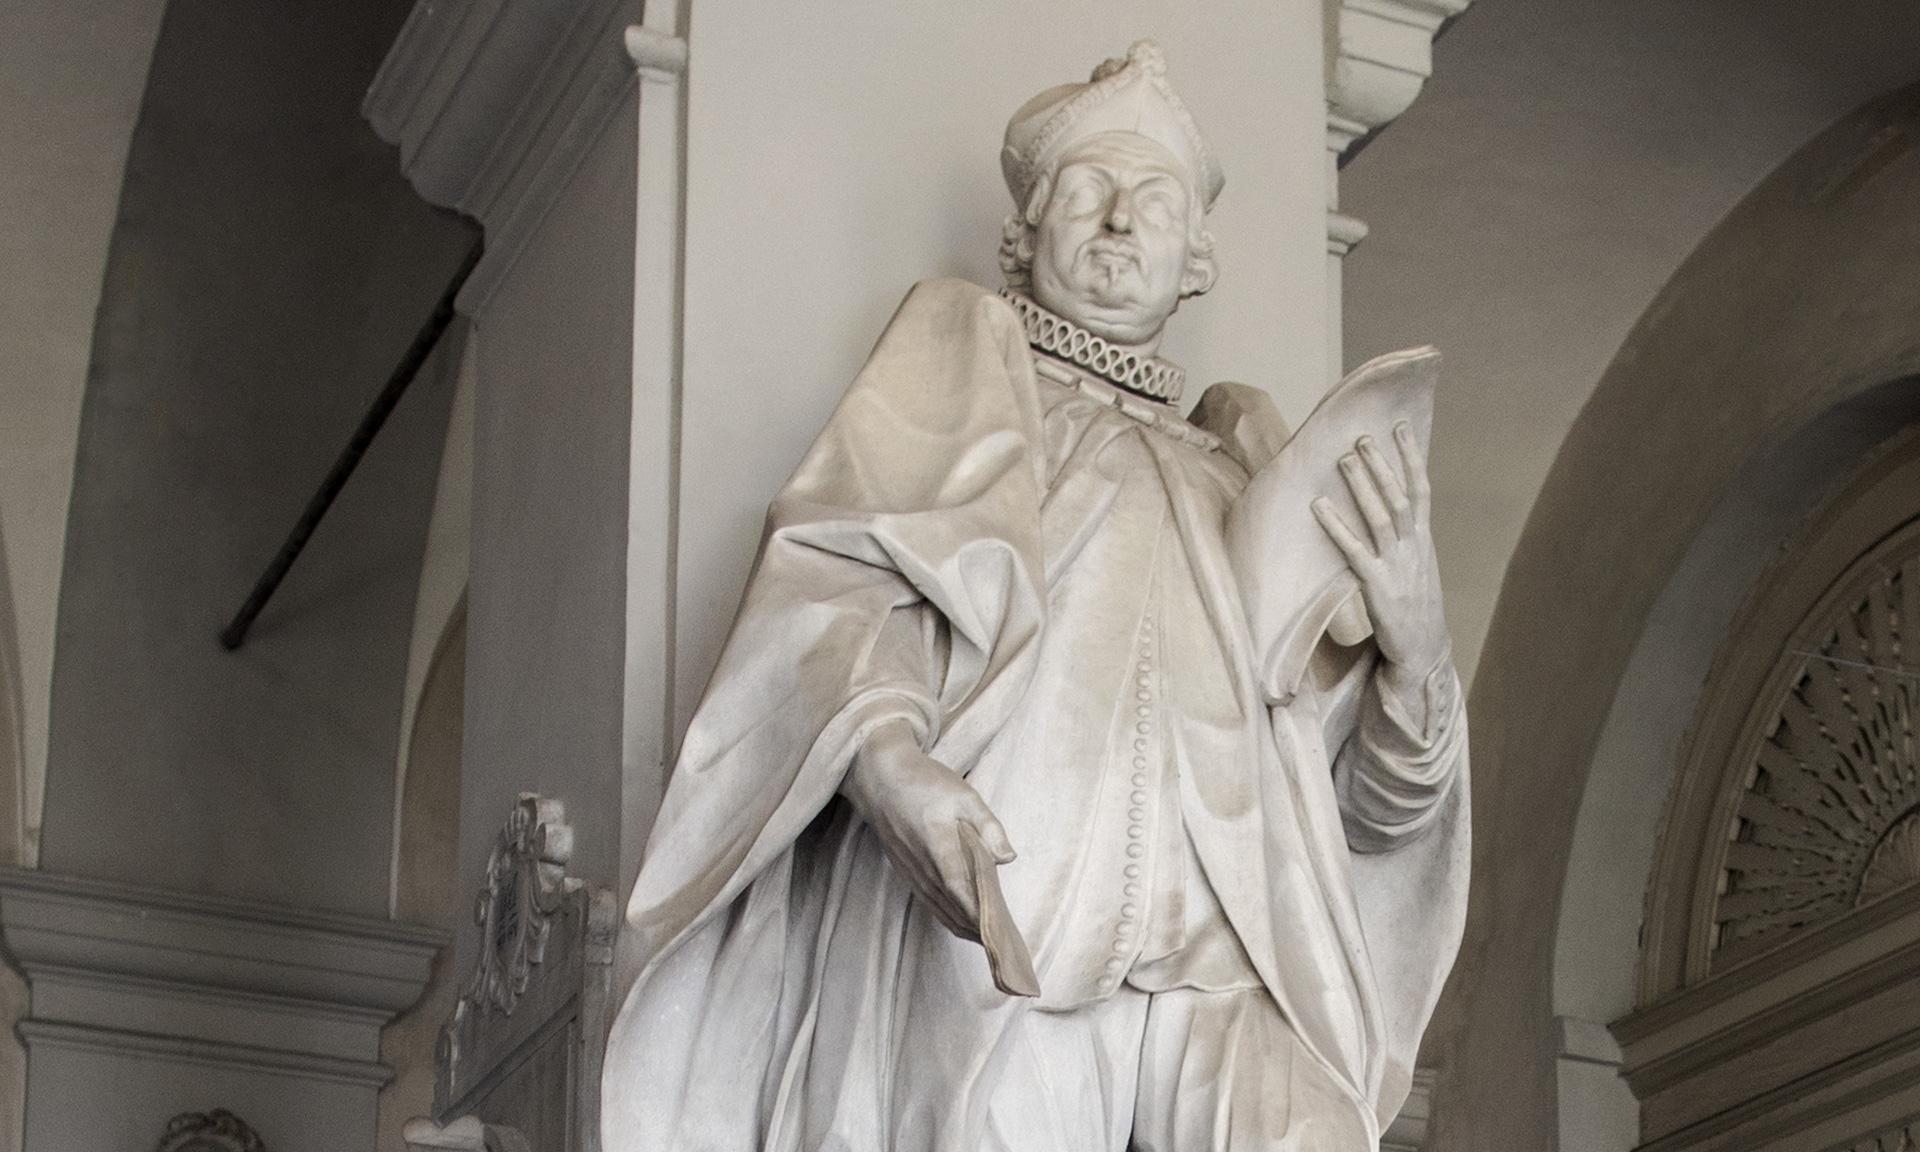 statue_ambrosio-carmagnola_01 - Albergo dei Poveri Genova